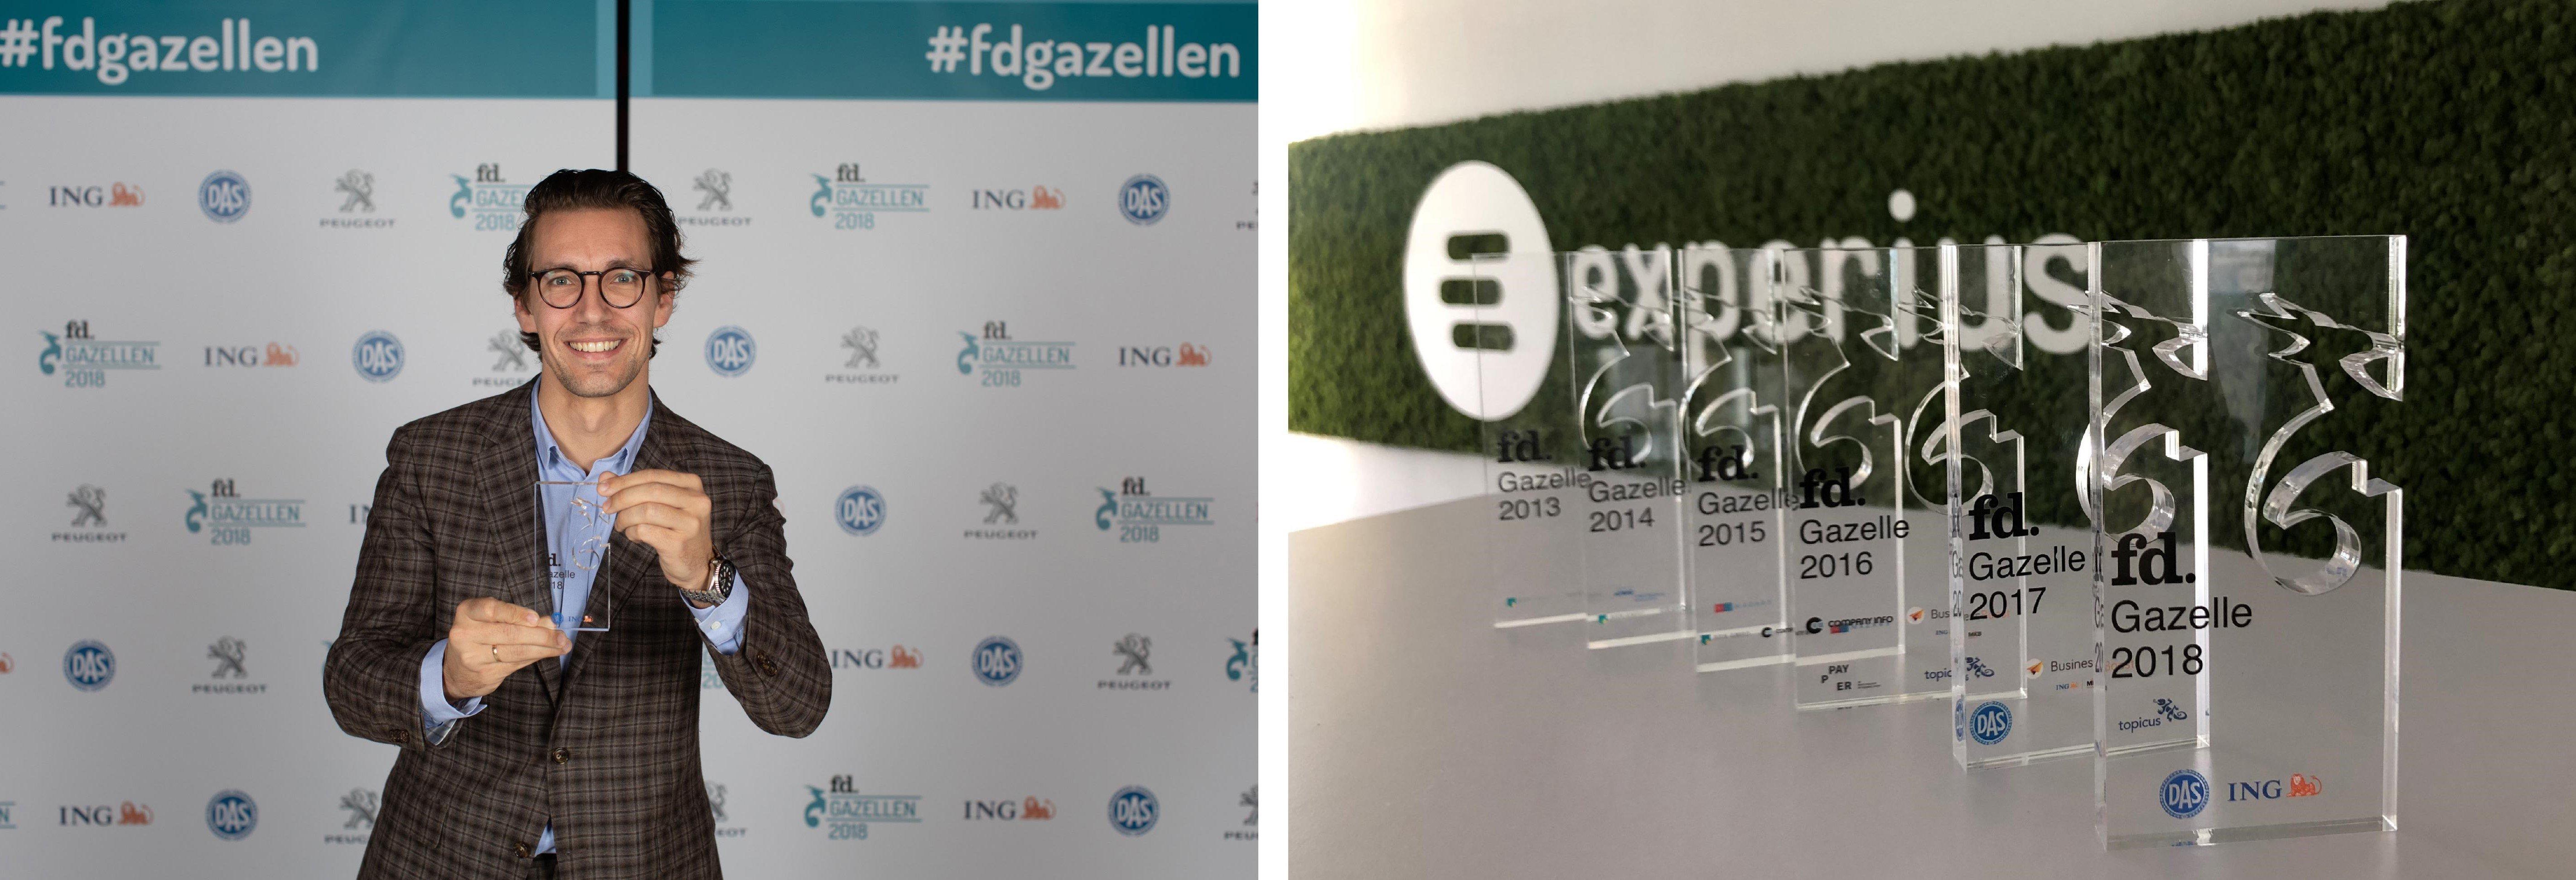 FD gazelle 2018 - Yannick + awards